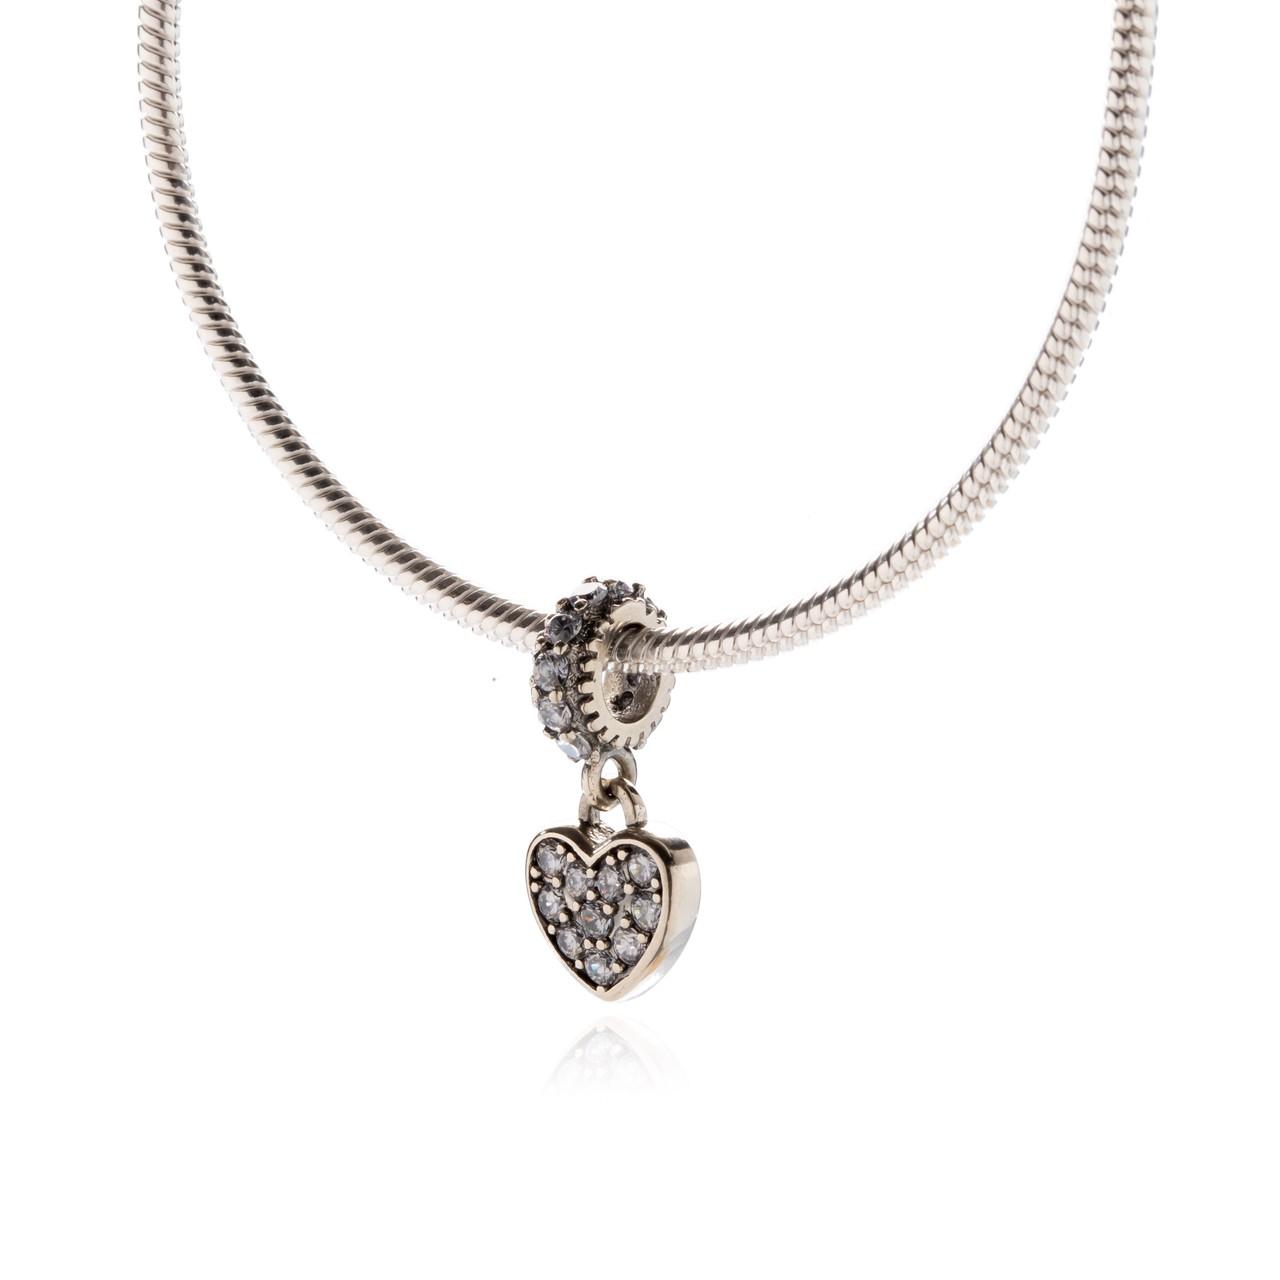 Berloque Pingente de Coração Zircônias Cristal Prata 925